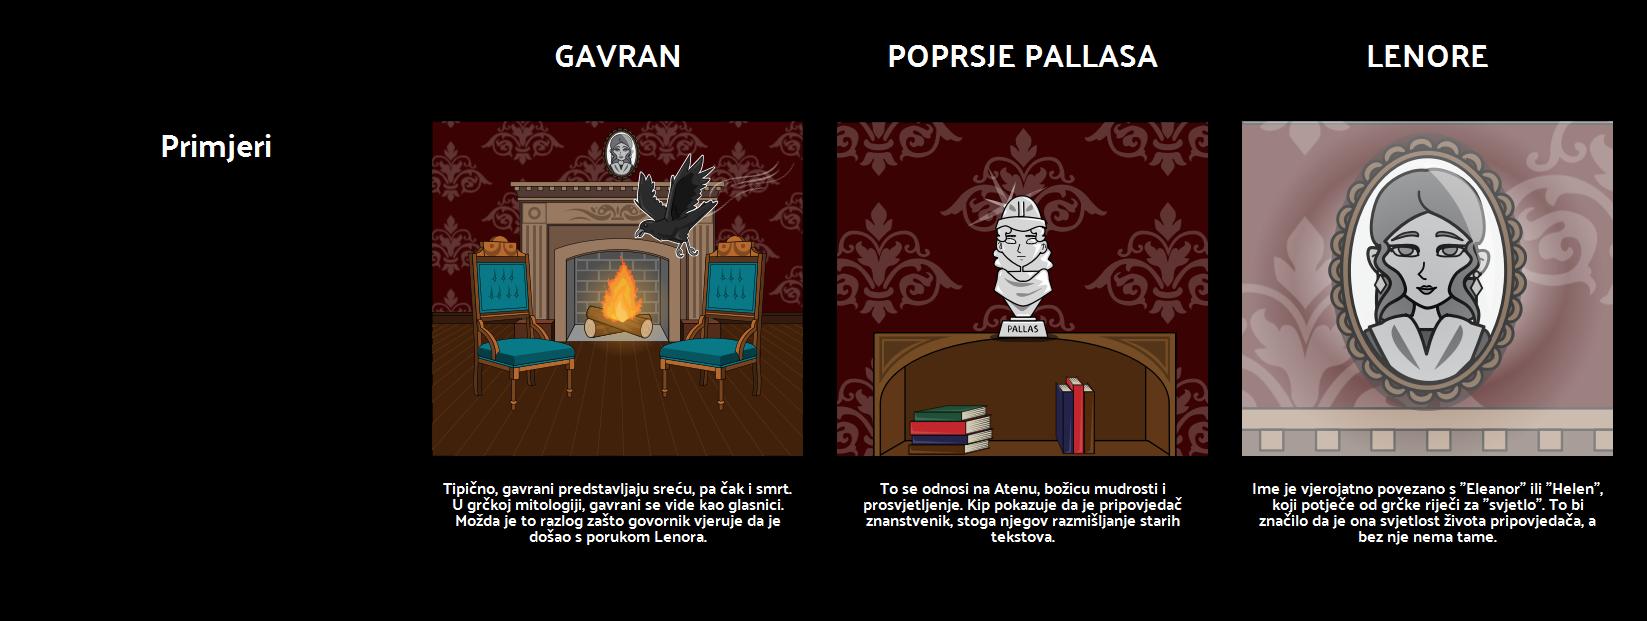 Simbolizam Gavrana